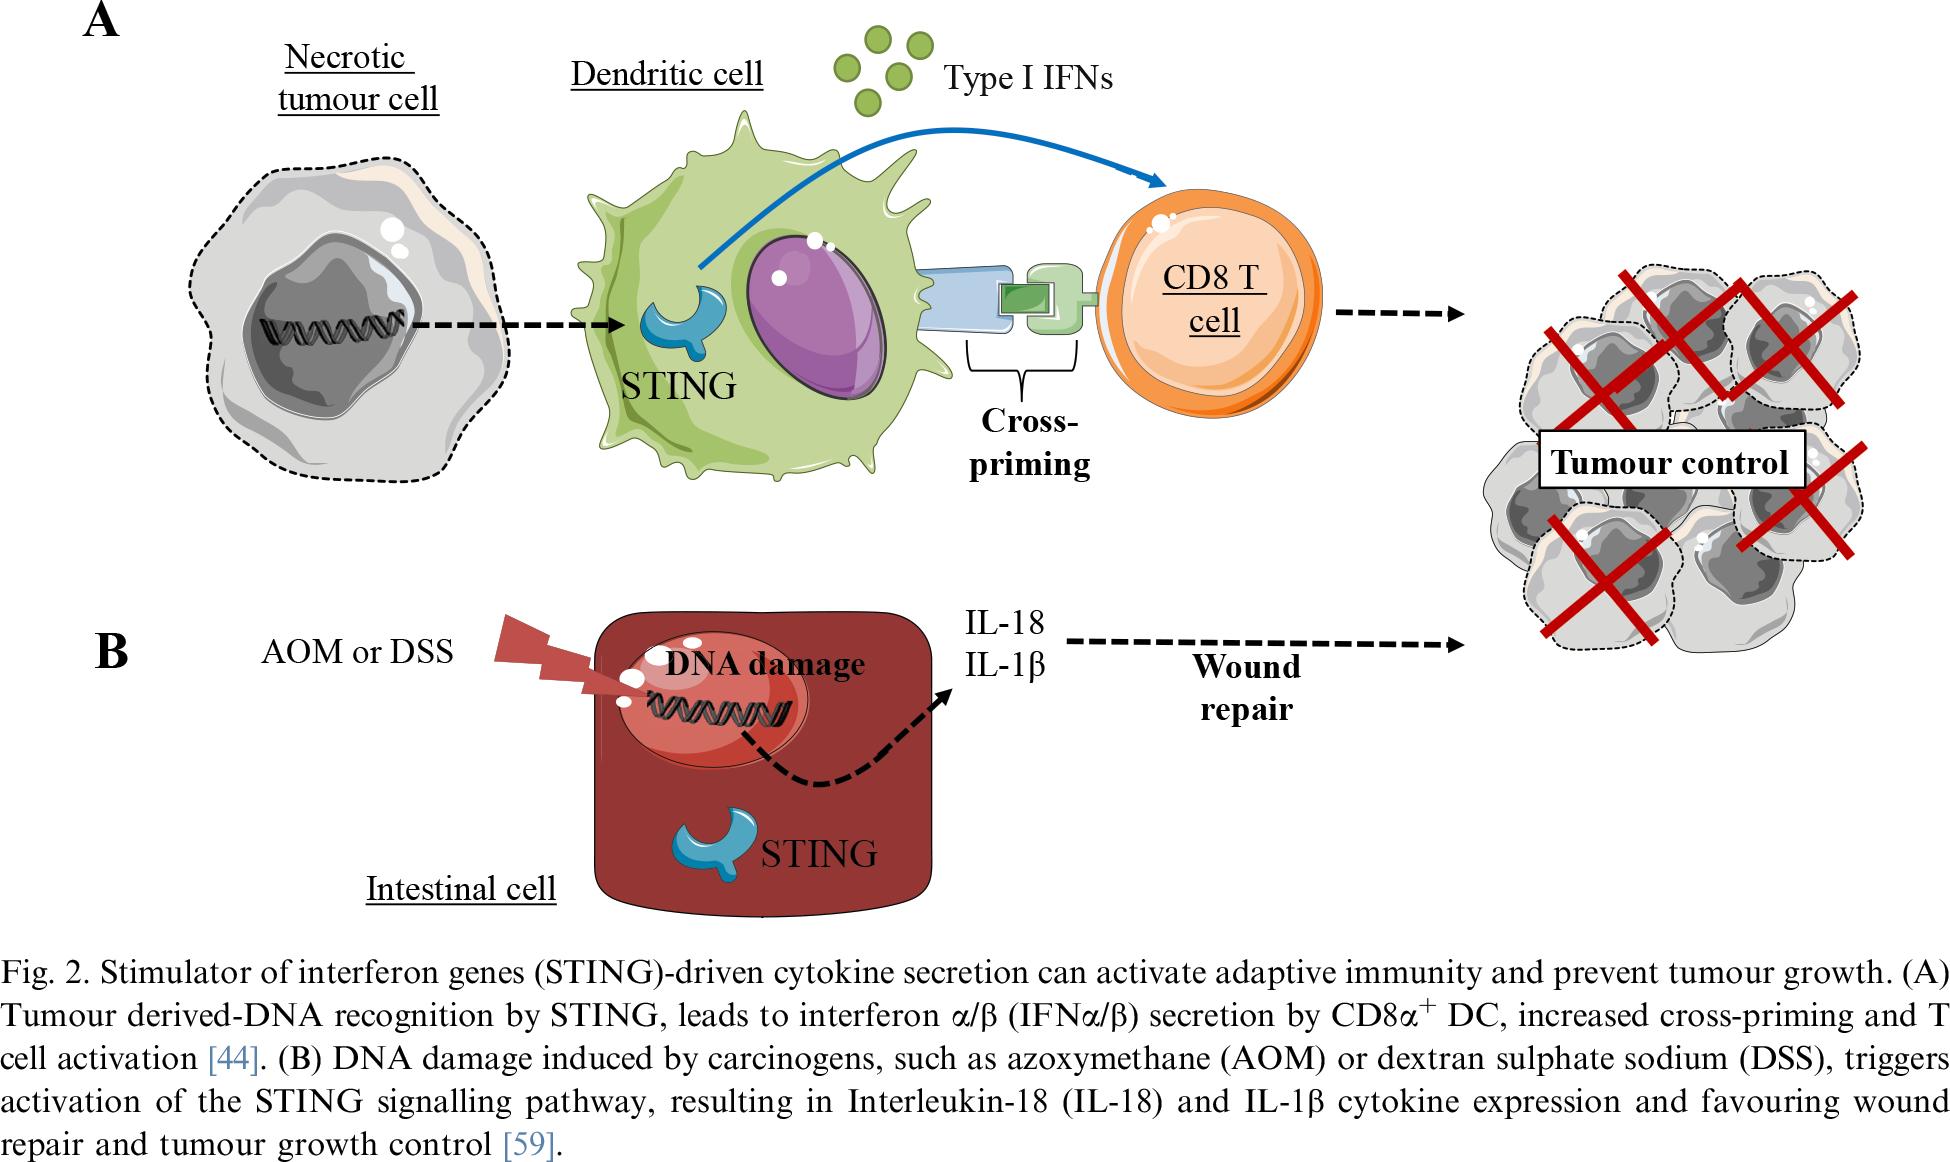 sting moa 01 - STING: иммунологическое жало против раковых заболеваний